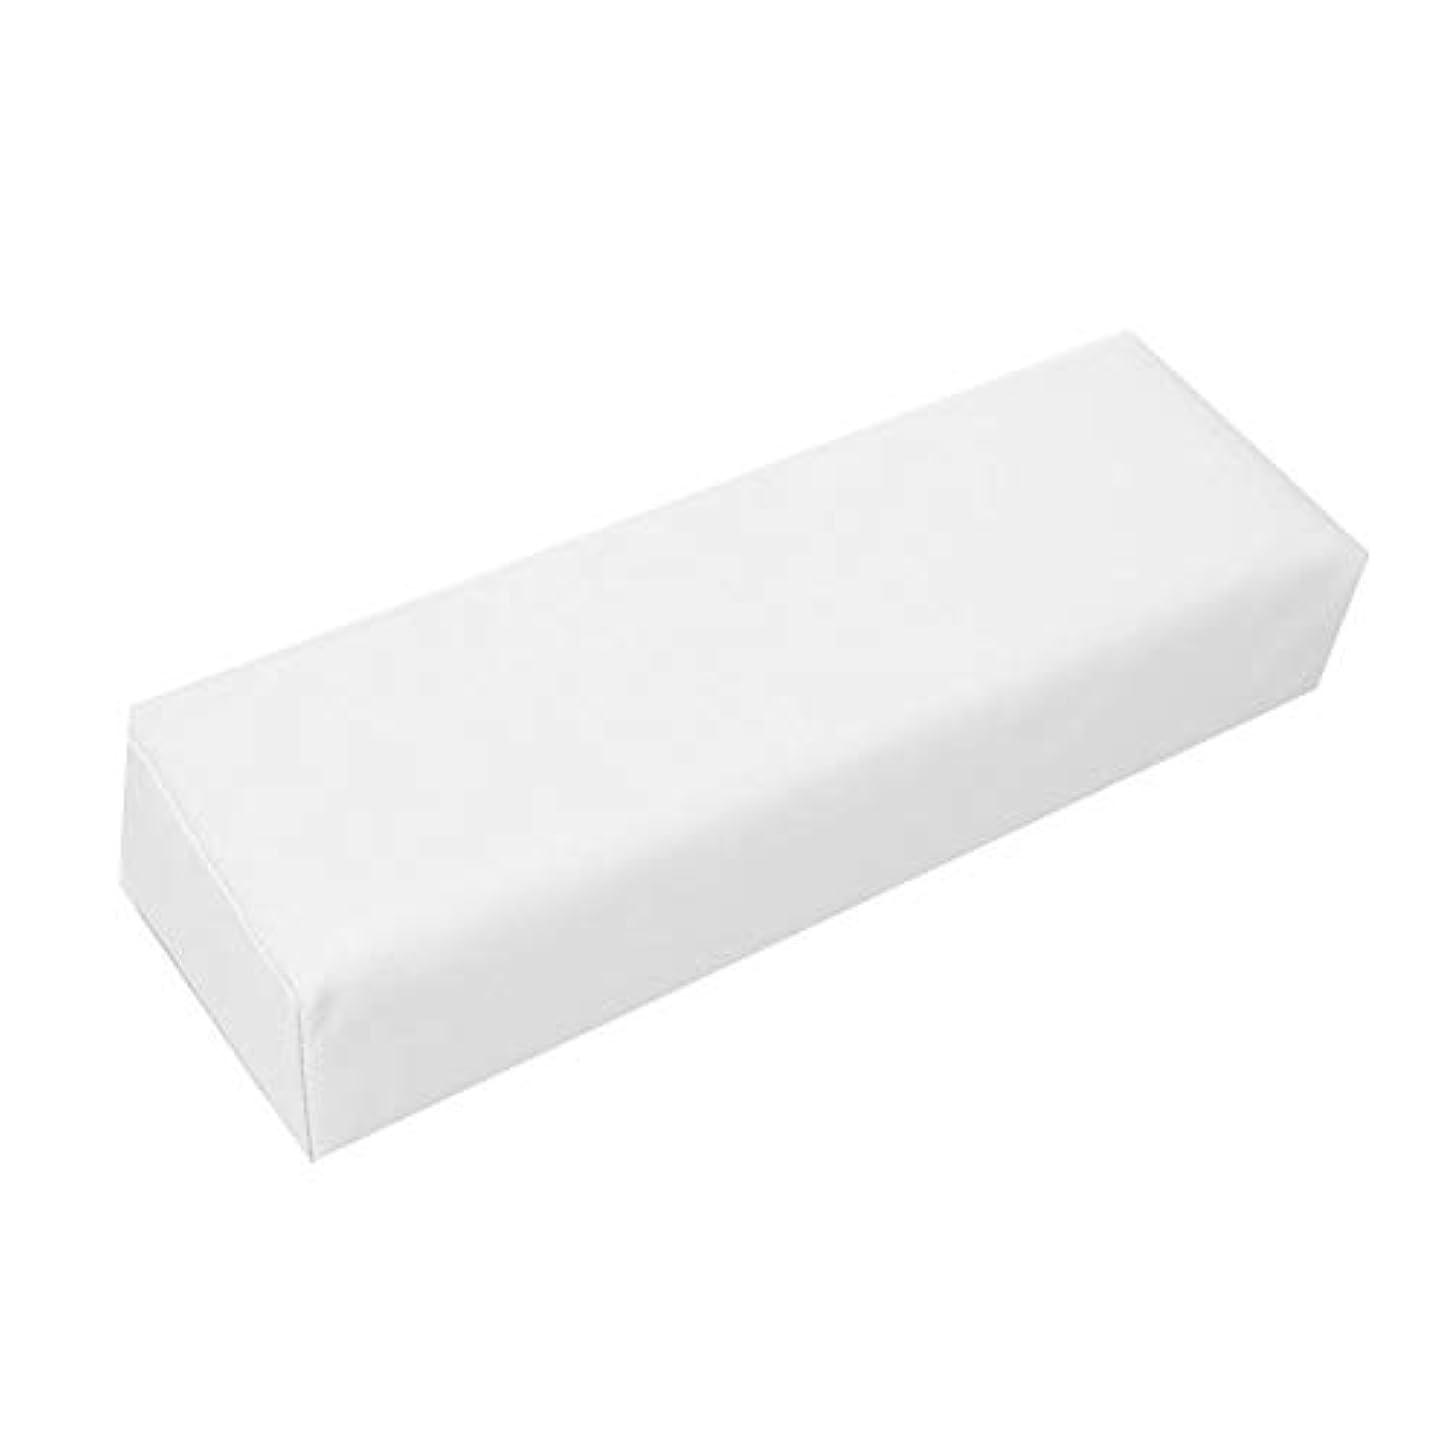 バブルワイプすべてochunアームレスト ネイル用 ハンドクッション 手をサポート 高弾性な充填物 清潔容易 美容院?美容室?ネイルサロン?理容室に適用 29*9.5*6.5 cm(ホワイト)